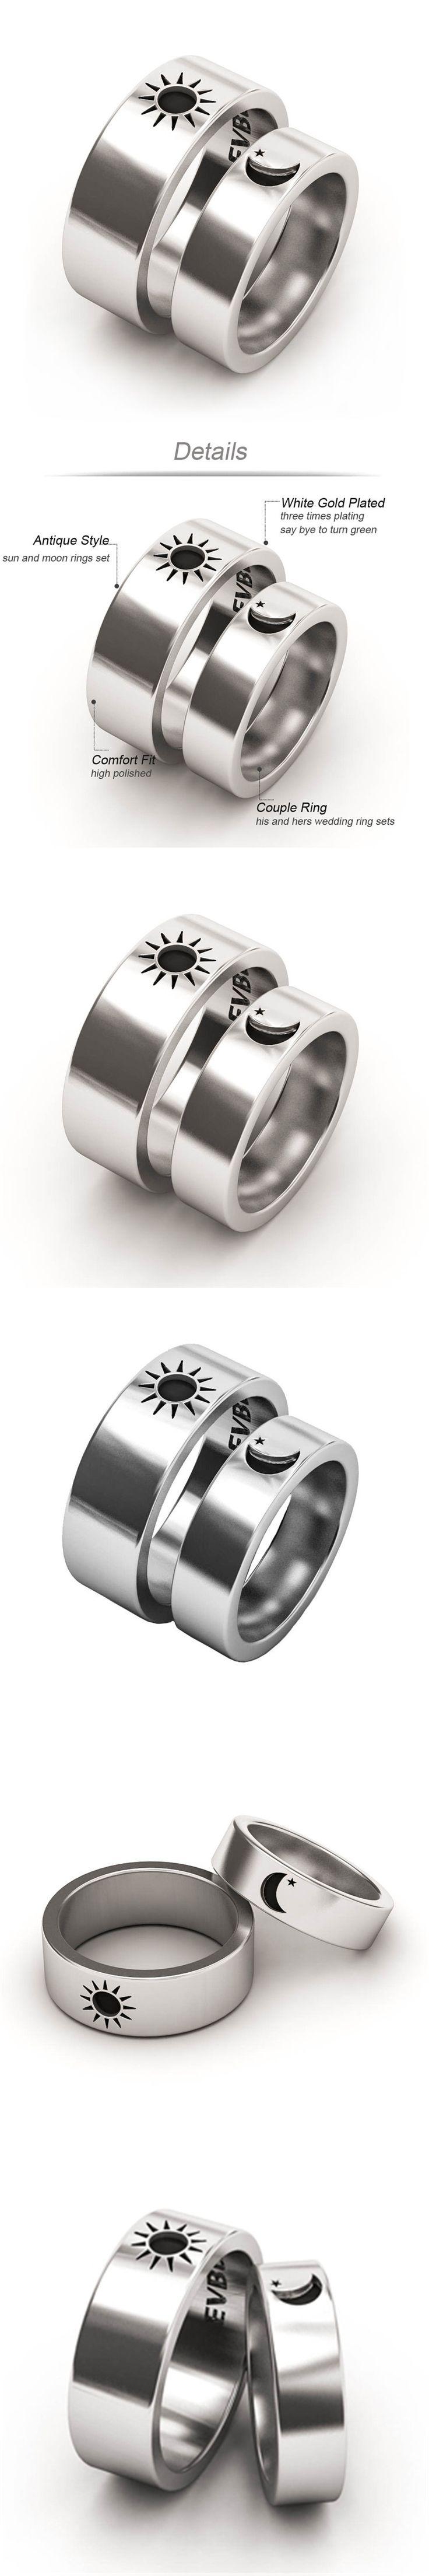 343 best Rings images on Pinterest